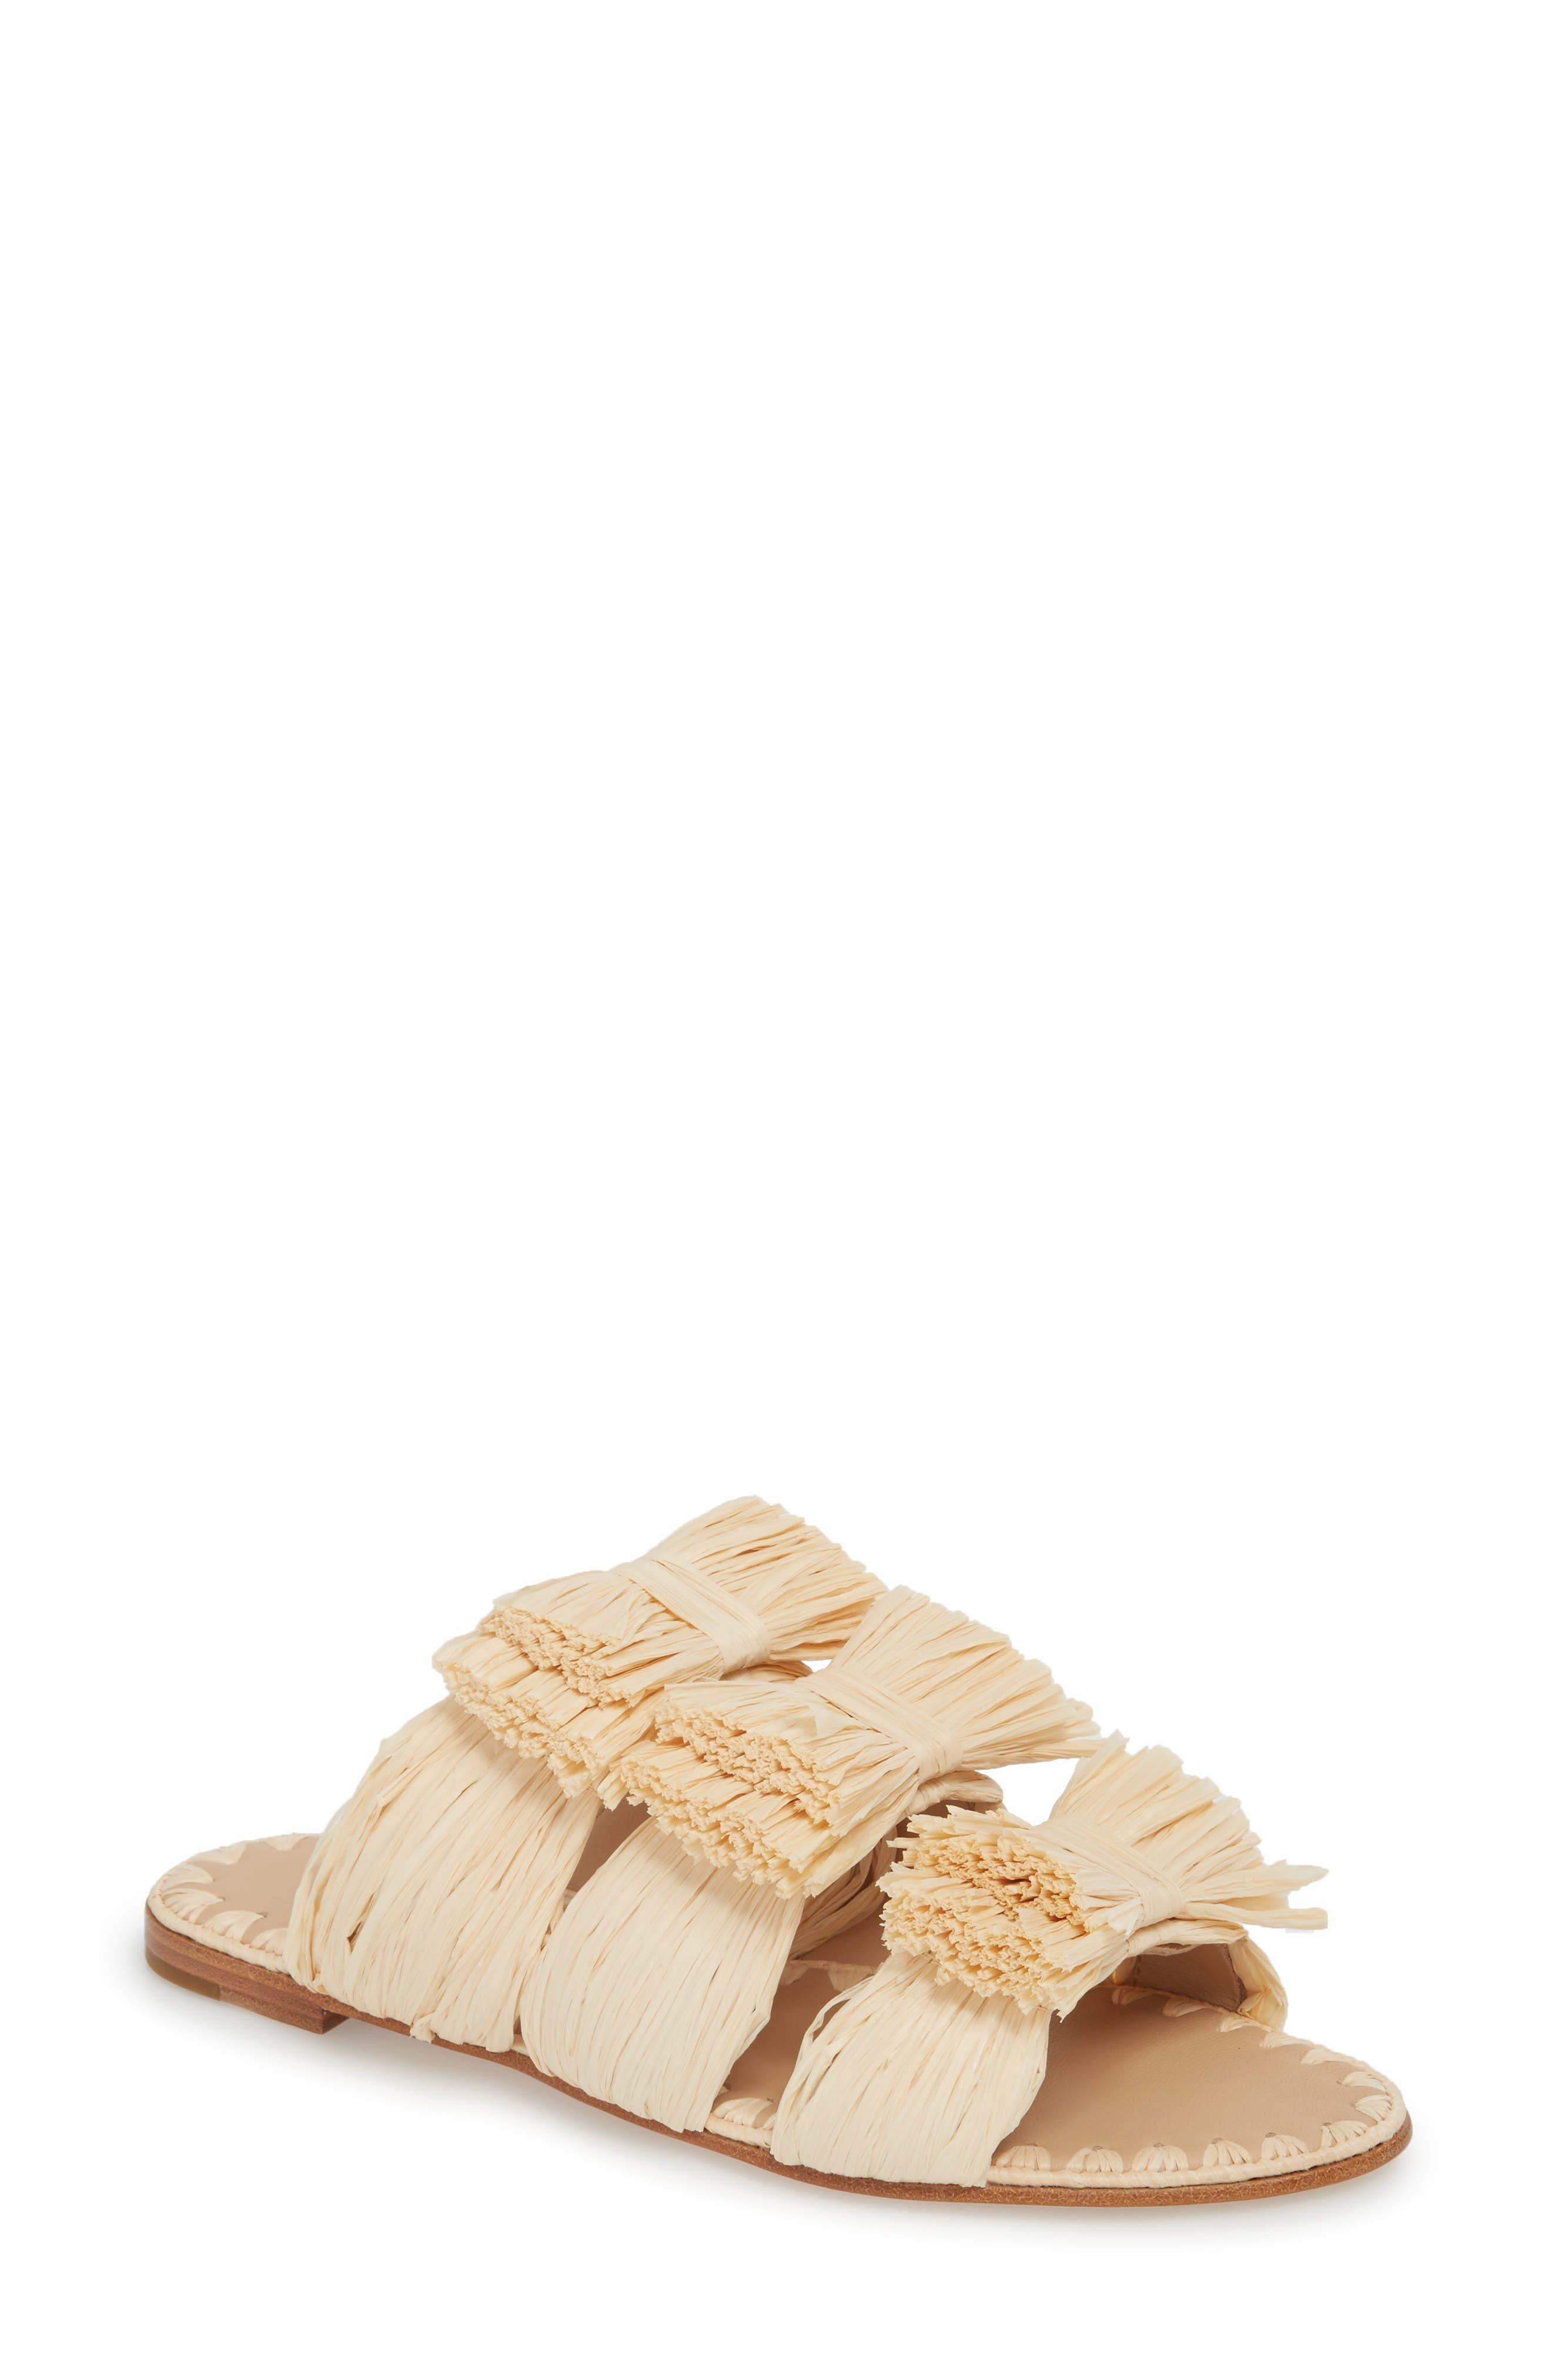 Layne Sandal,                         Main,                         color, Natural